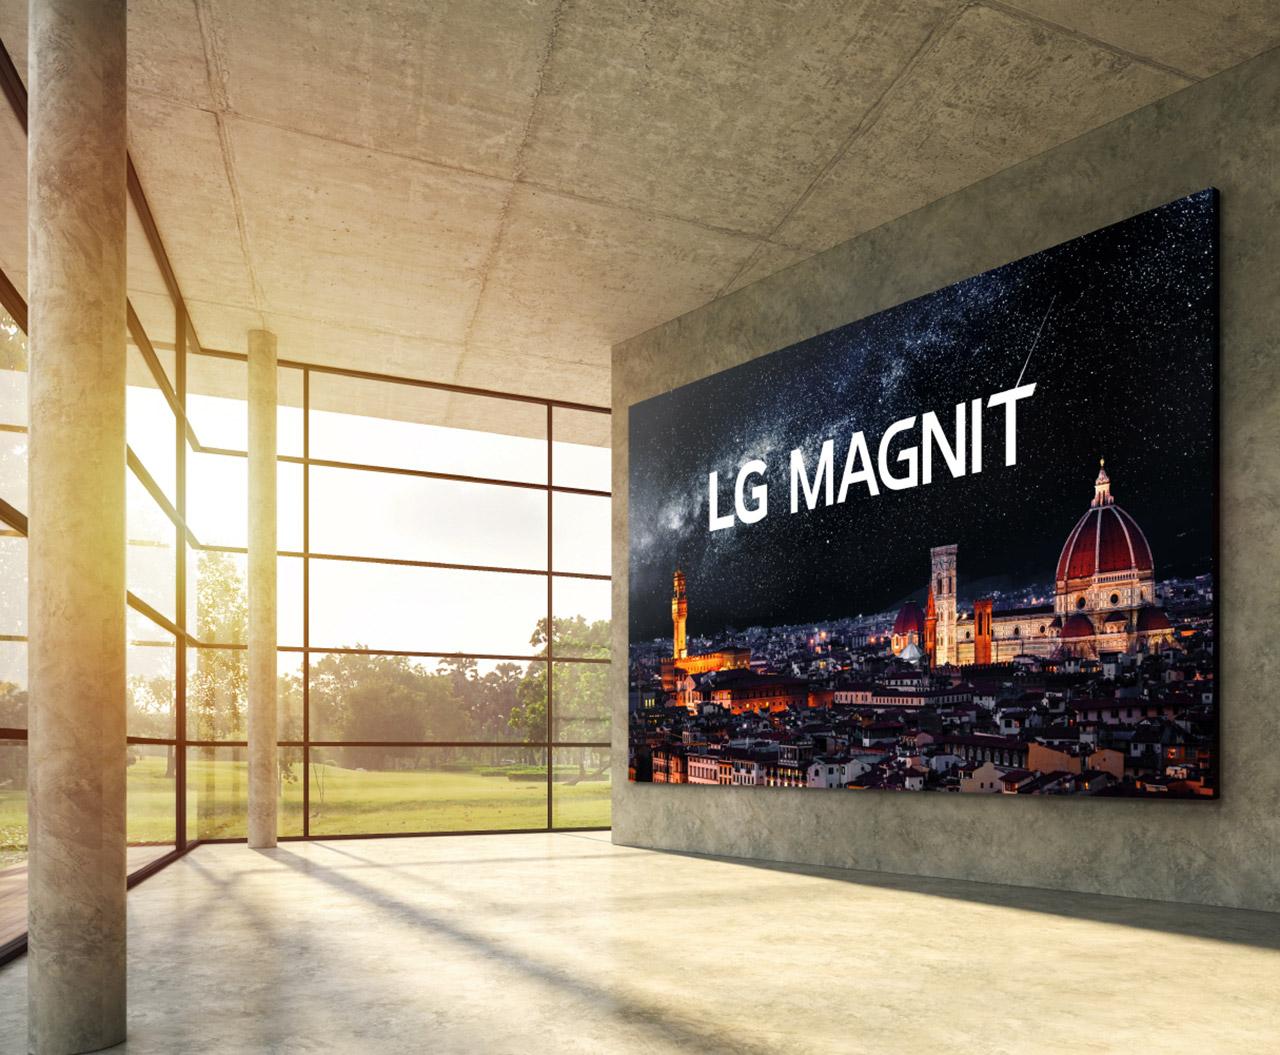 LG MAGNIT 163-inch MicroLED OLED